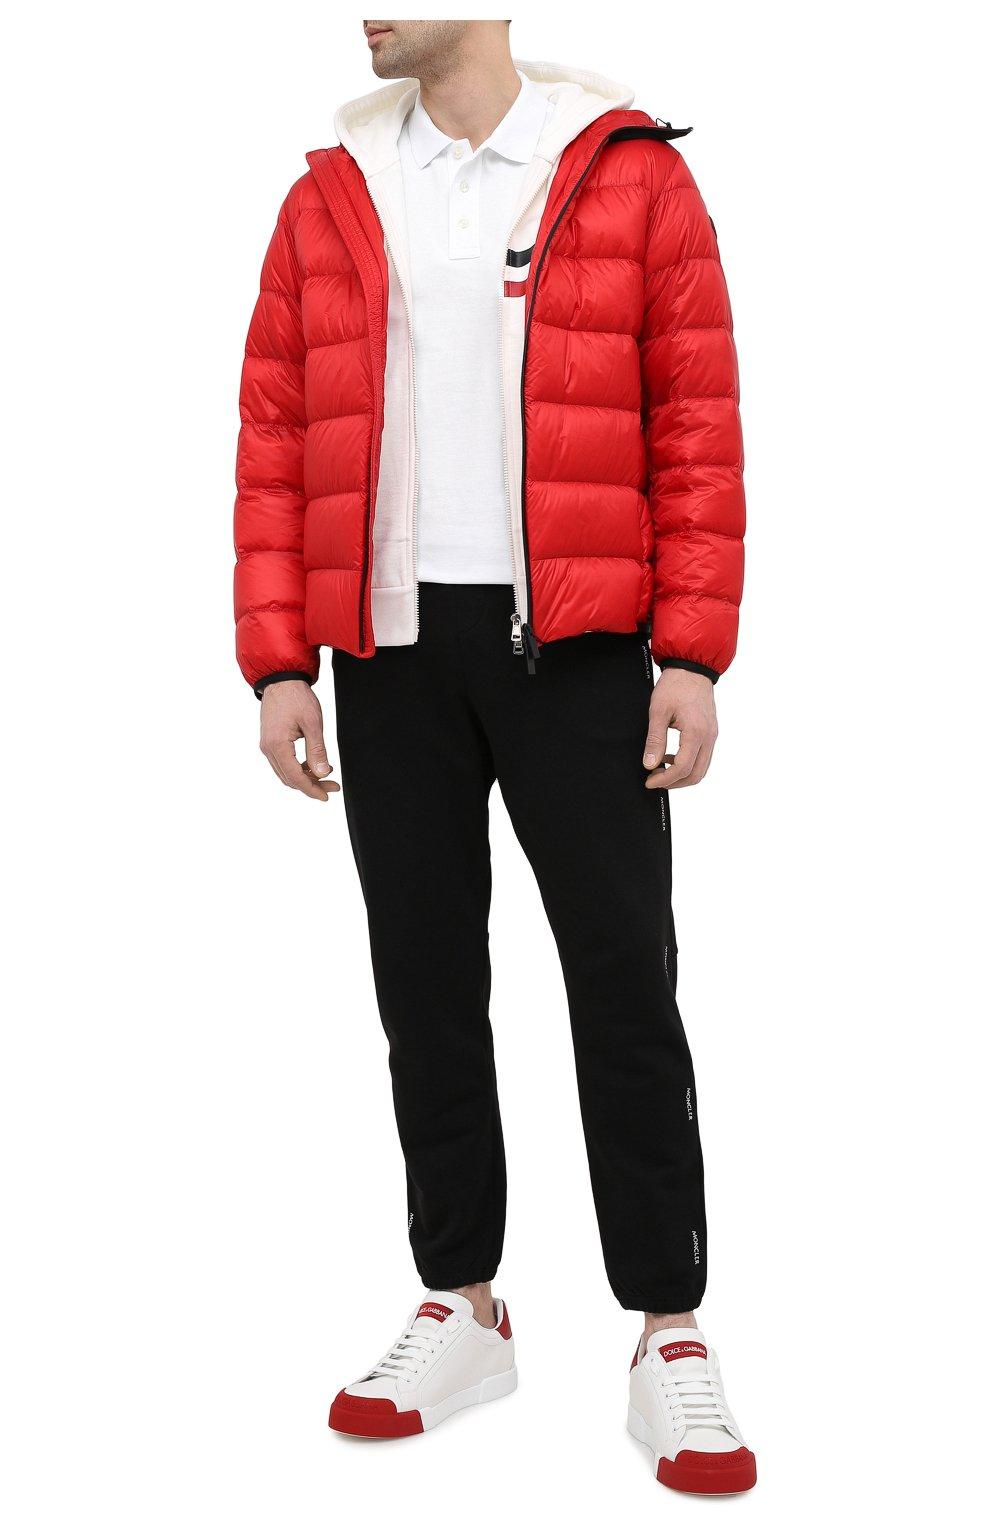 Мужская пуховая куртка provins MONCLER красного цвета, арт. G1-091-1A123-00-53279 | Фото 2 (Кросс-КТ: Куртка; Мужское Кросс-КТ: пуховик-короткий; Рукава: Длинные; Материал внешний: Синтетический материал; Стили: Гранж; Материал подклада: Синтетический материал; Длина (верхняя одежда): Короткие; Материал утеплителя: Пух и перо)